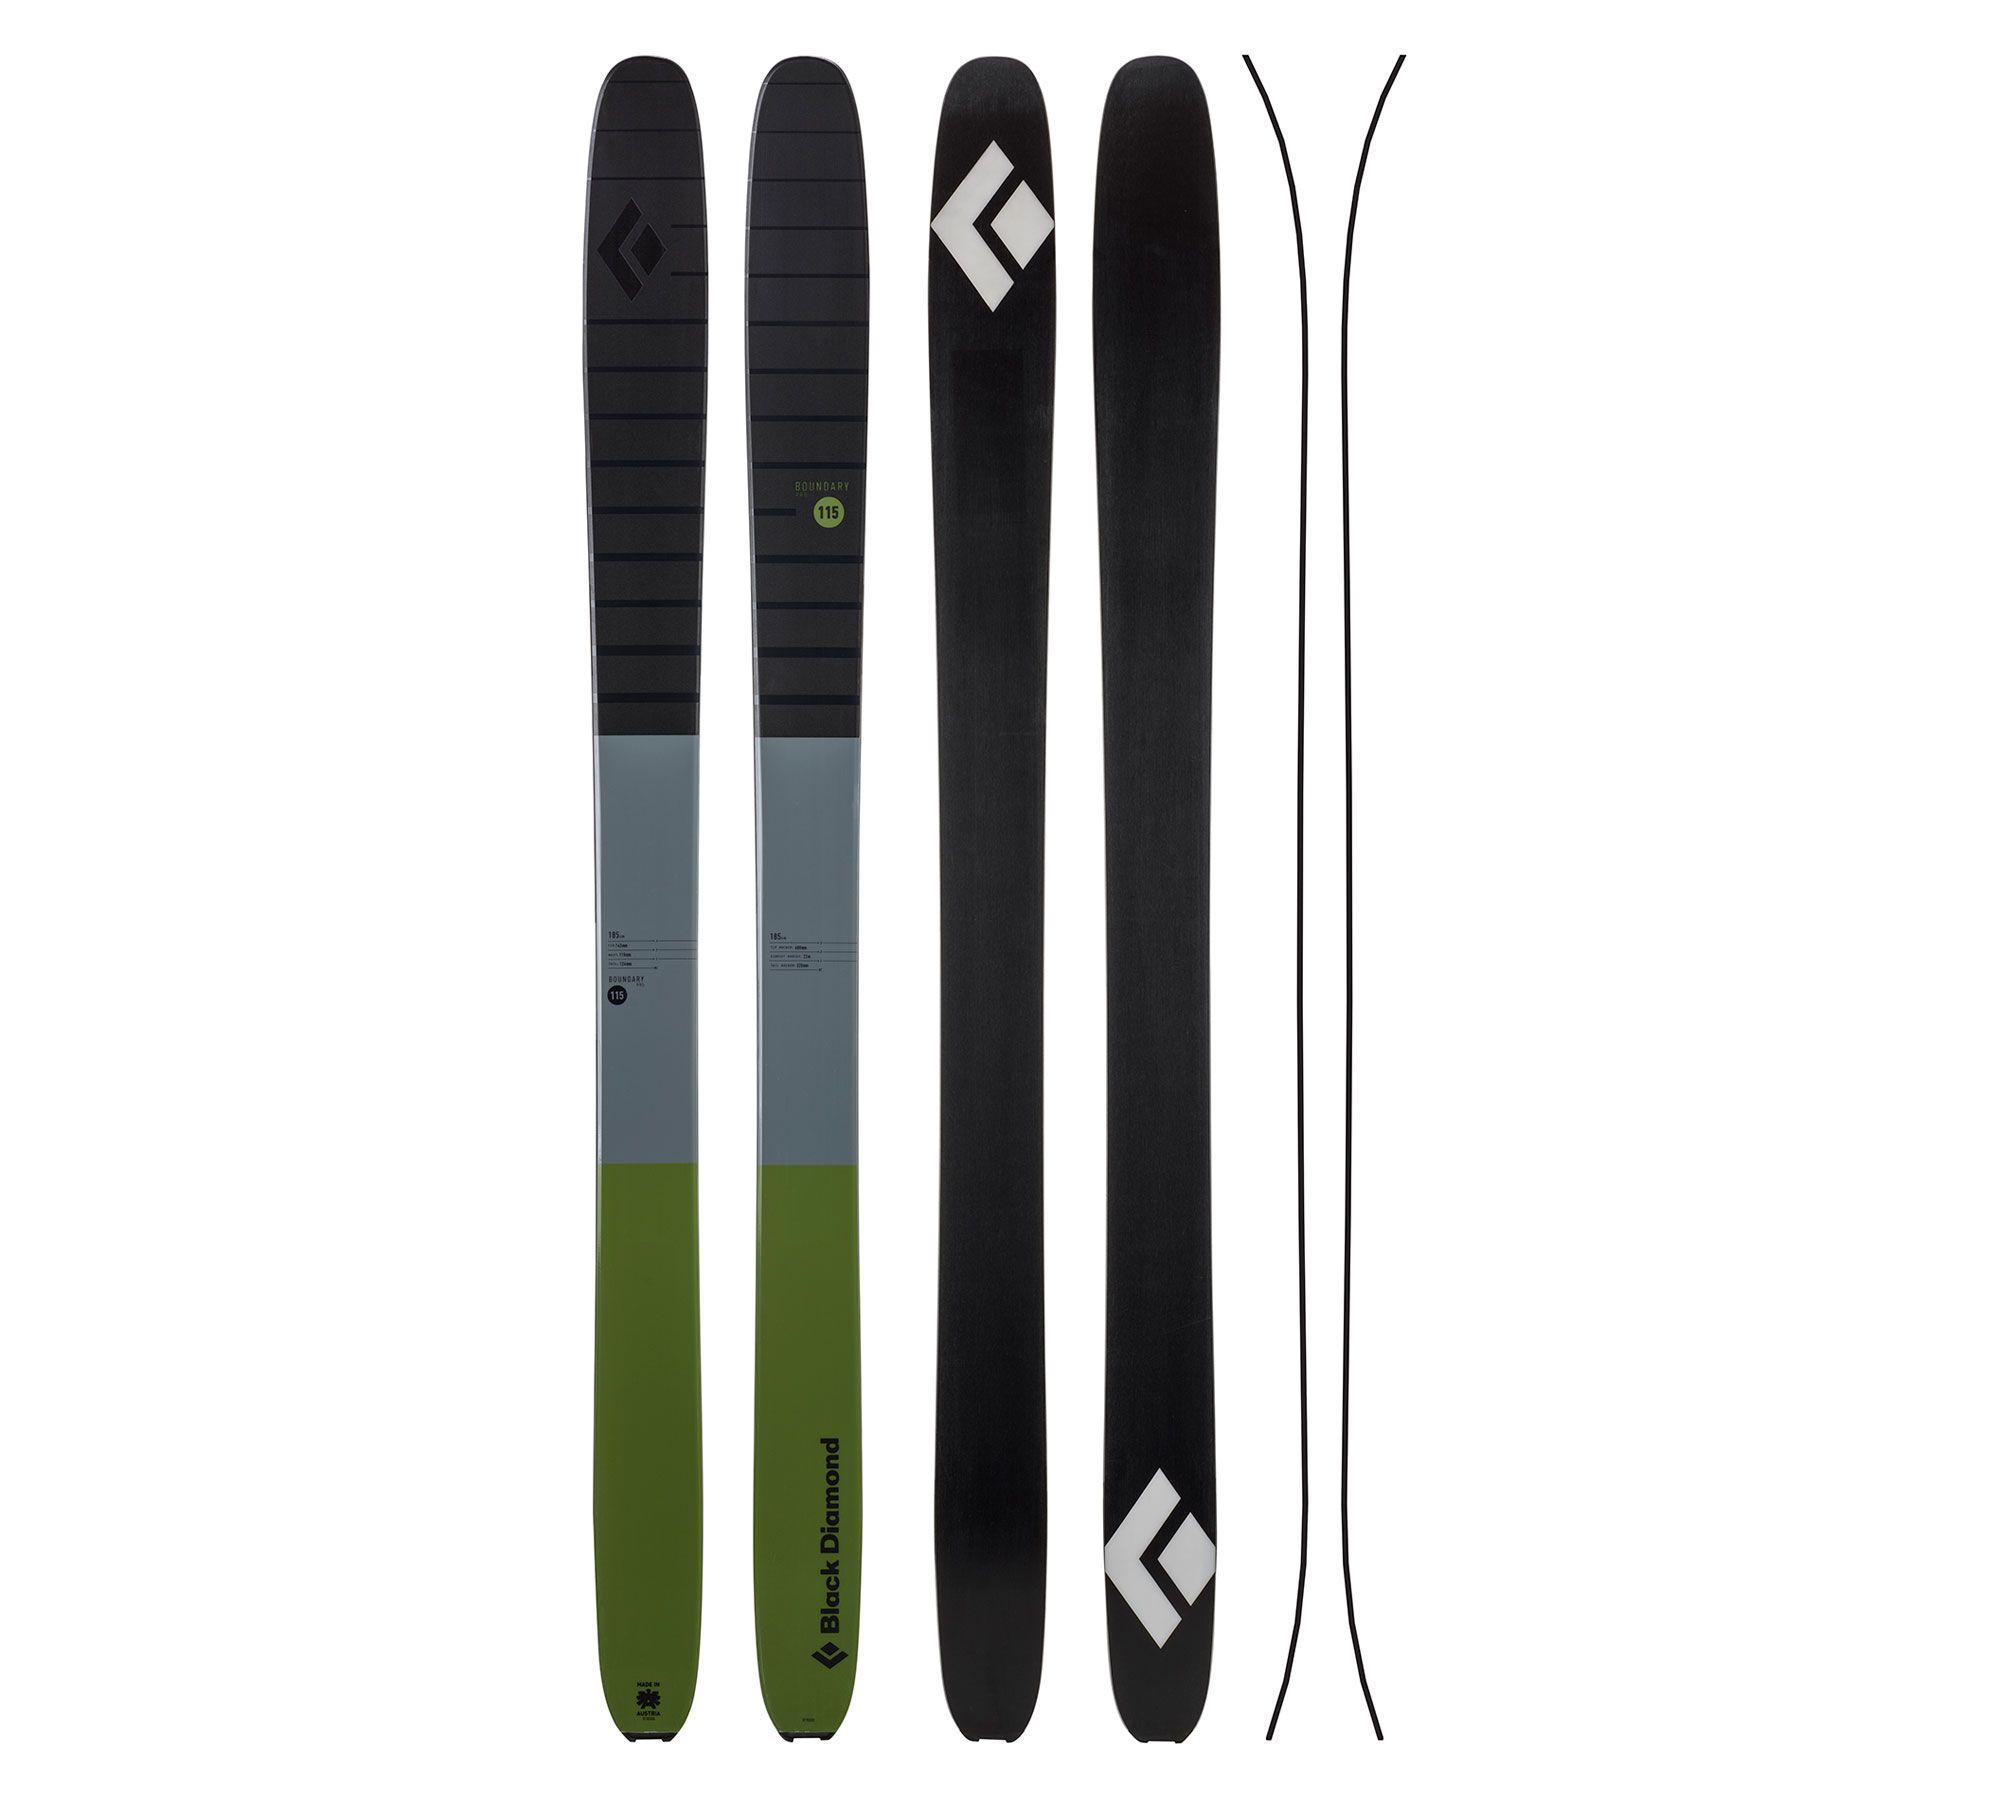 Boundary Pro 115 Ski Black Diamond Gear Skiing Black Diamond Equipment Black Diamond